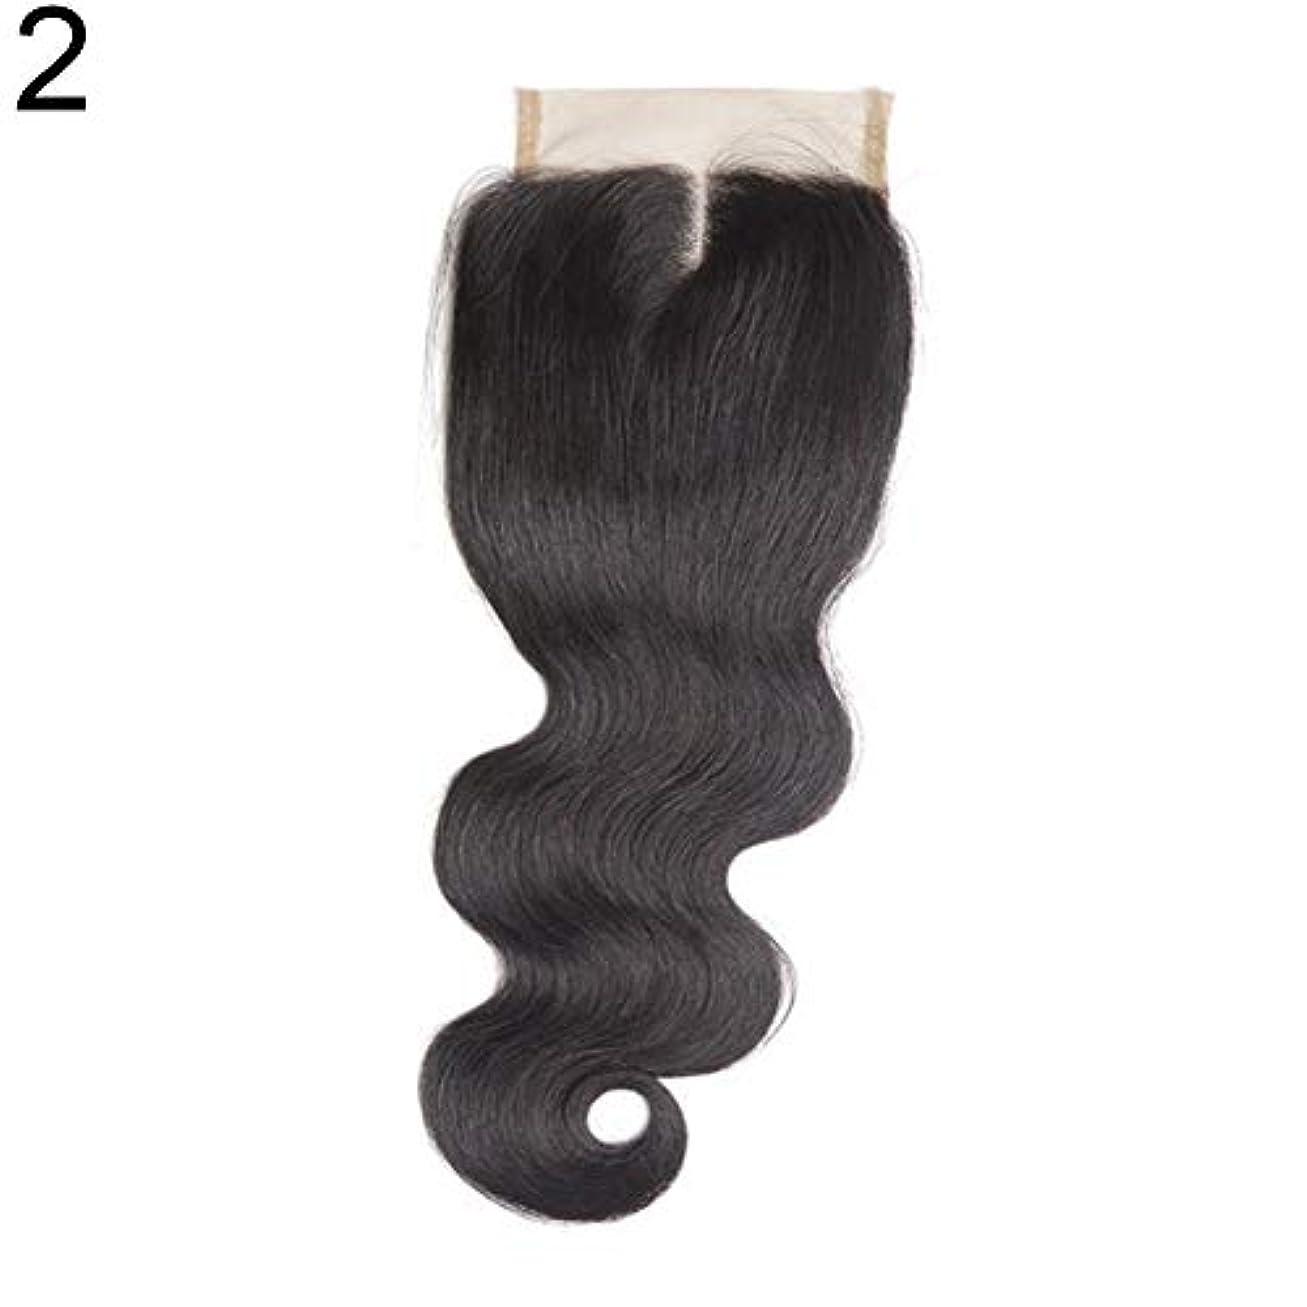 くさび作詞家効果的slQinjiansav女性ウィッグ修理ツールブラジルのミドル/フリー/3部人間の髪のレース閉鎖ウィッグ黒ヘアピース